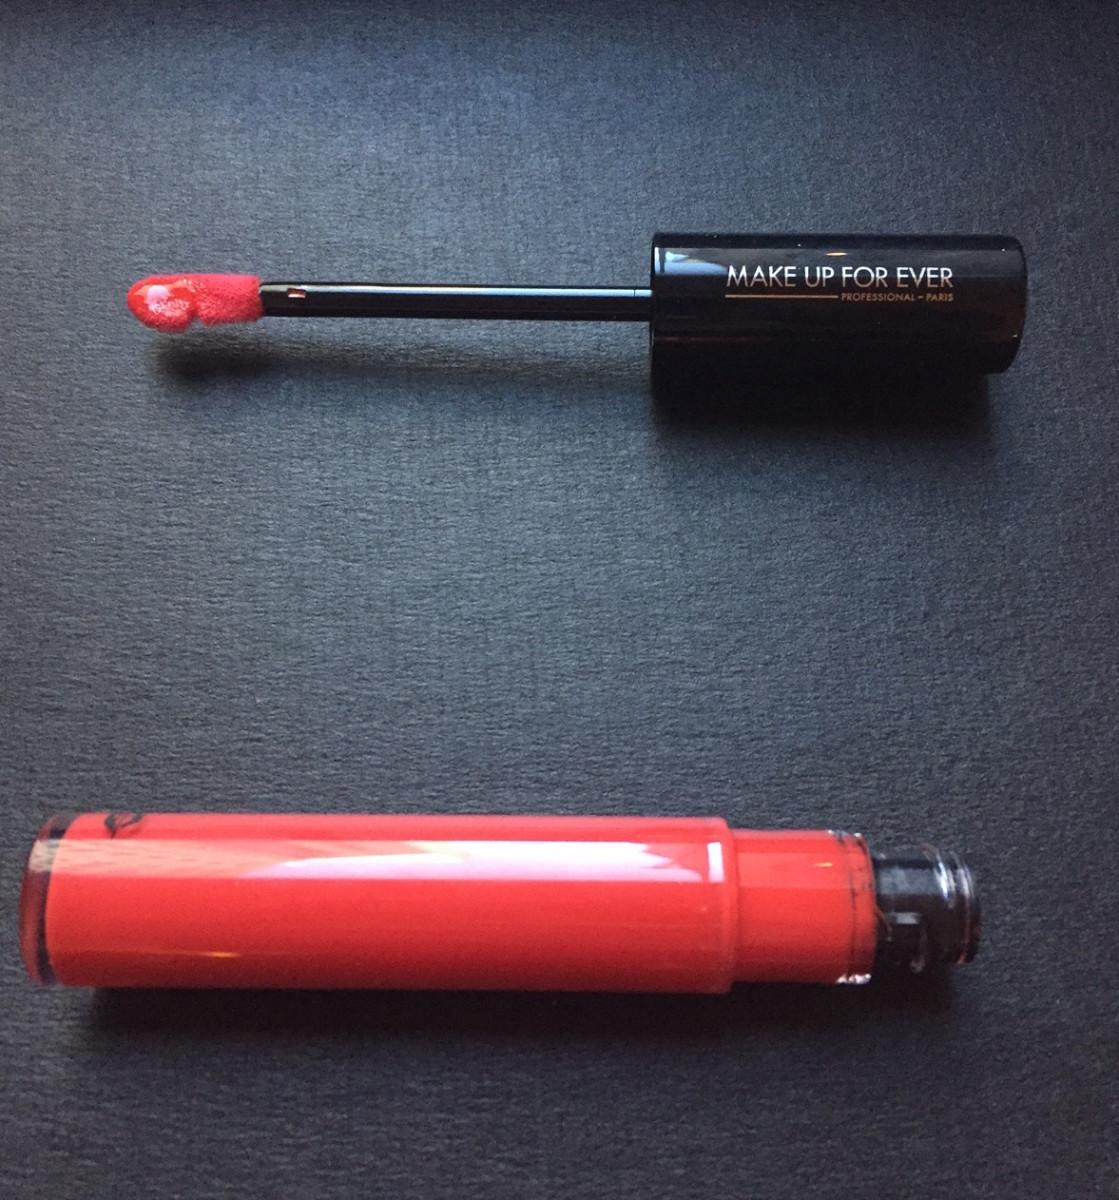 MakeupForEver.JPG